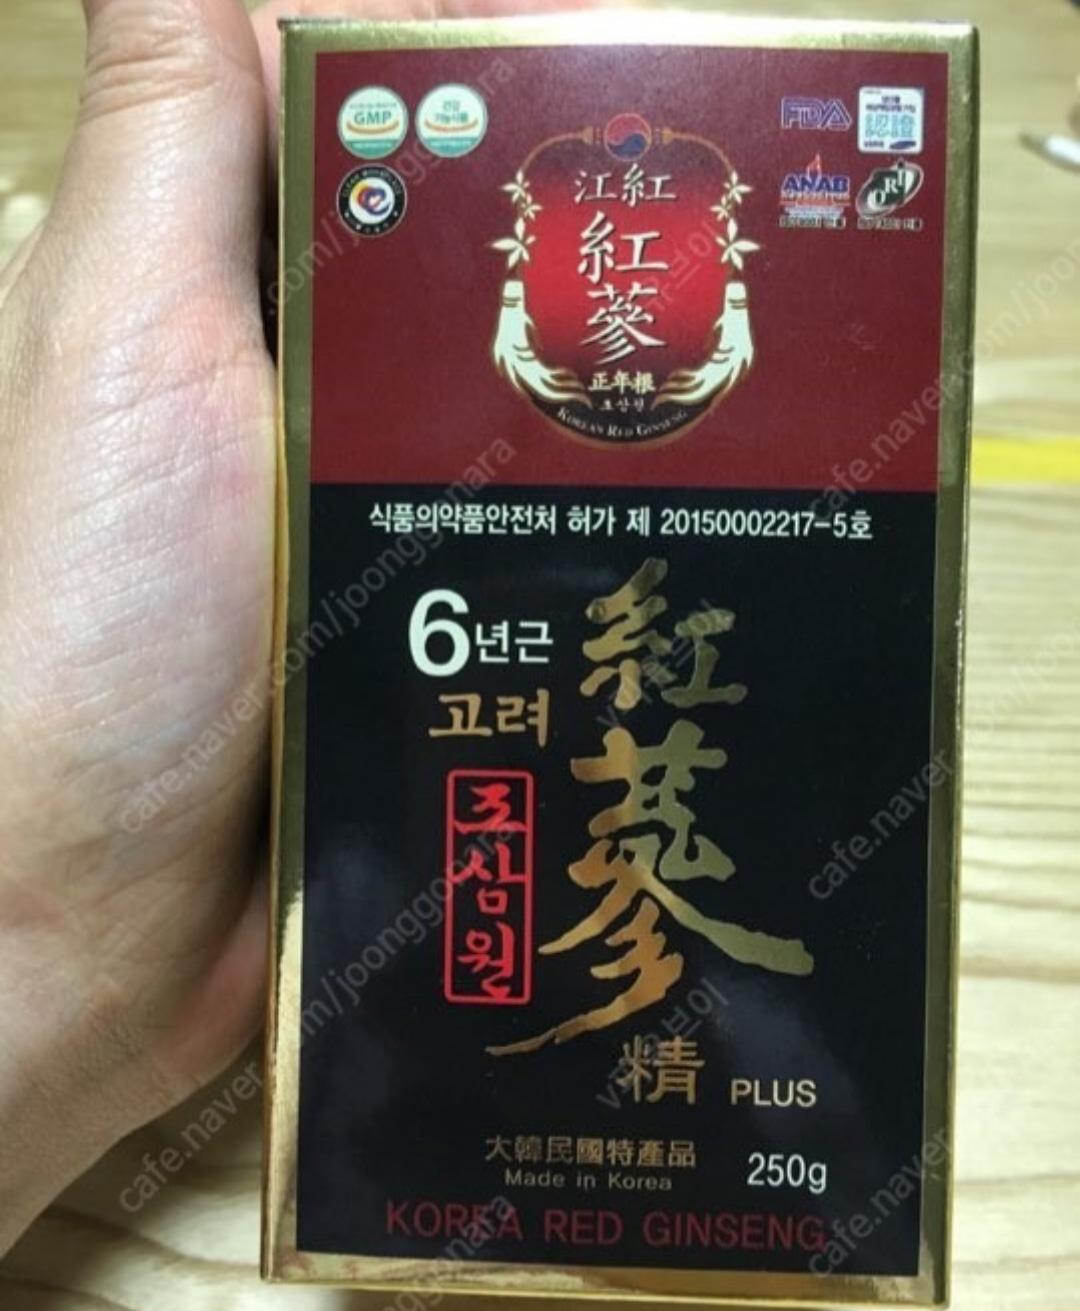 조삼원 홍삼 농축액 새상품.판매합니다